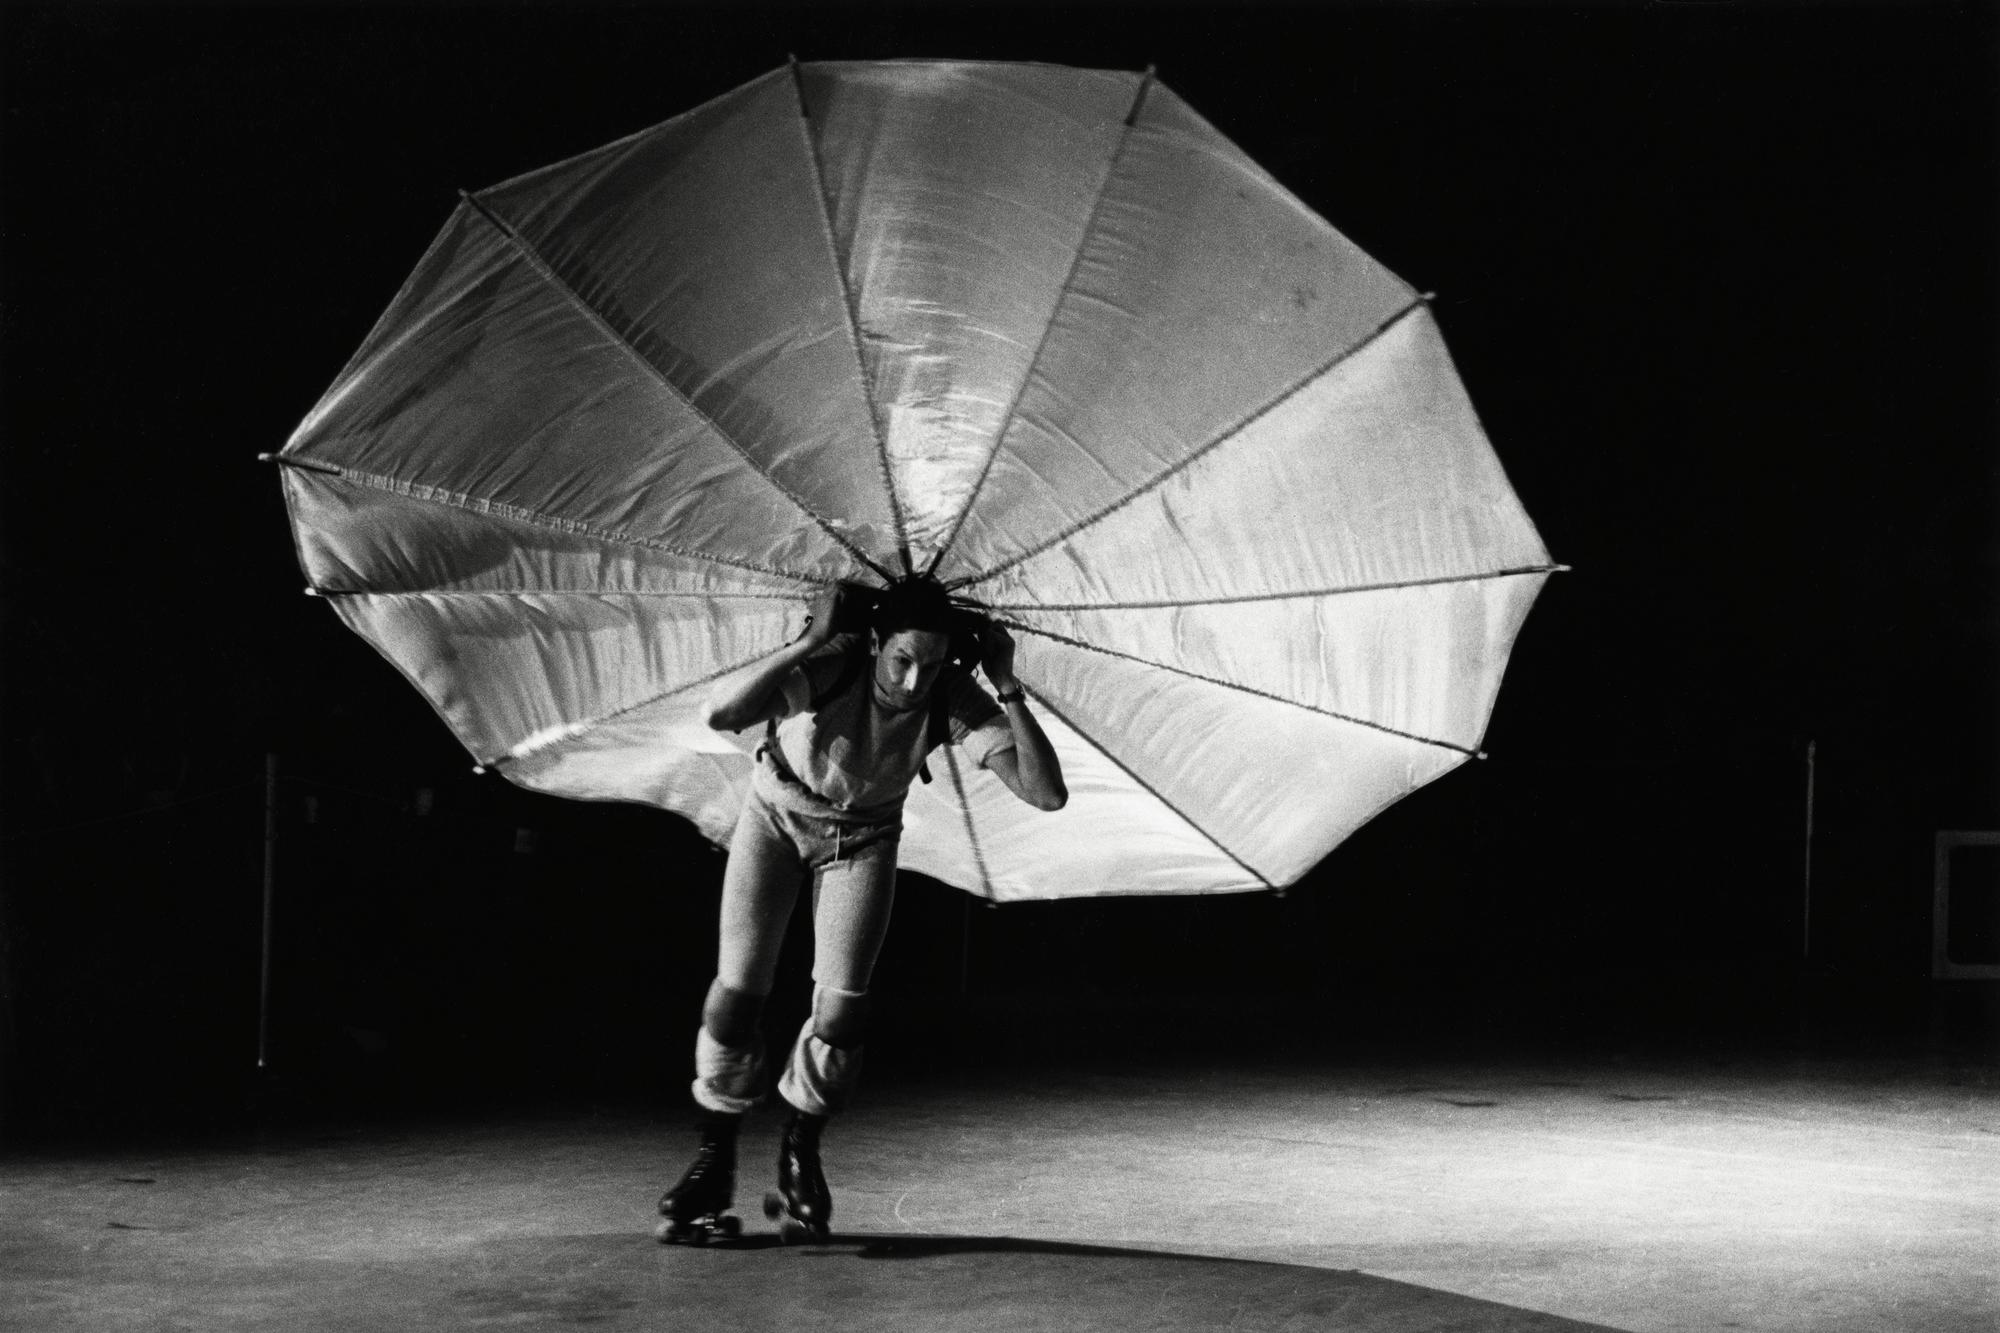 Robert Rauschenberg, Pelican, 1963.